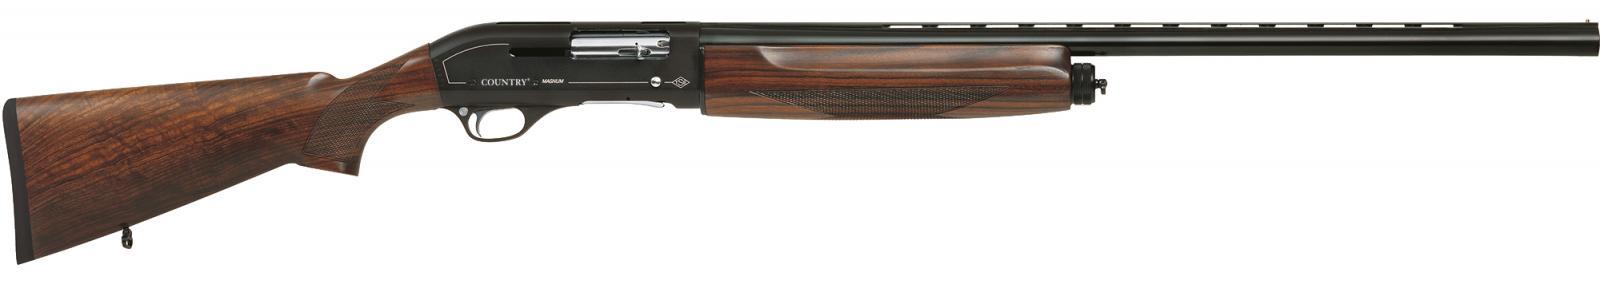 Fusil semi-auto COUNTRY  MC801 Cal 12/76 canon de 76 cm